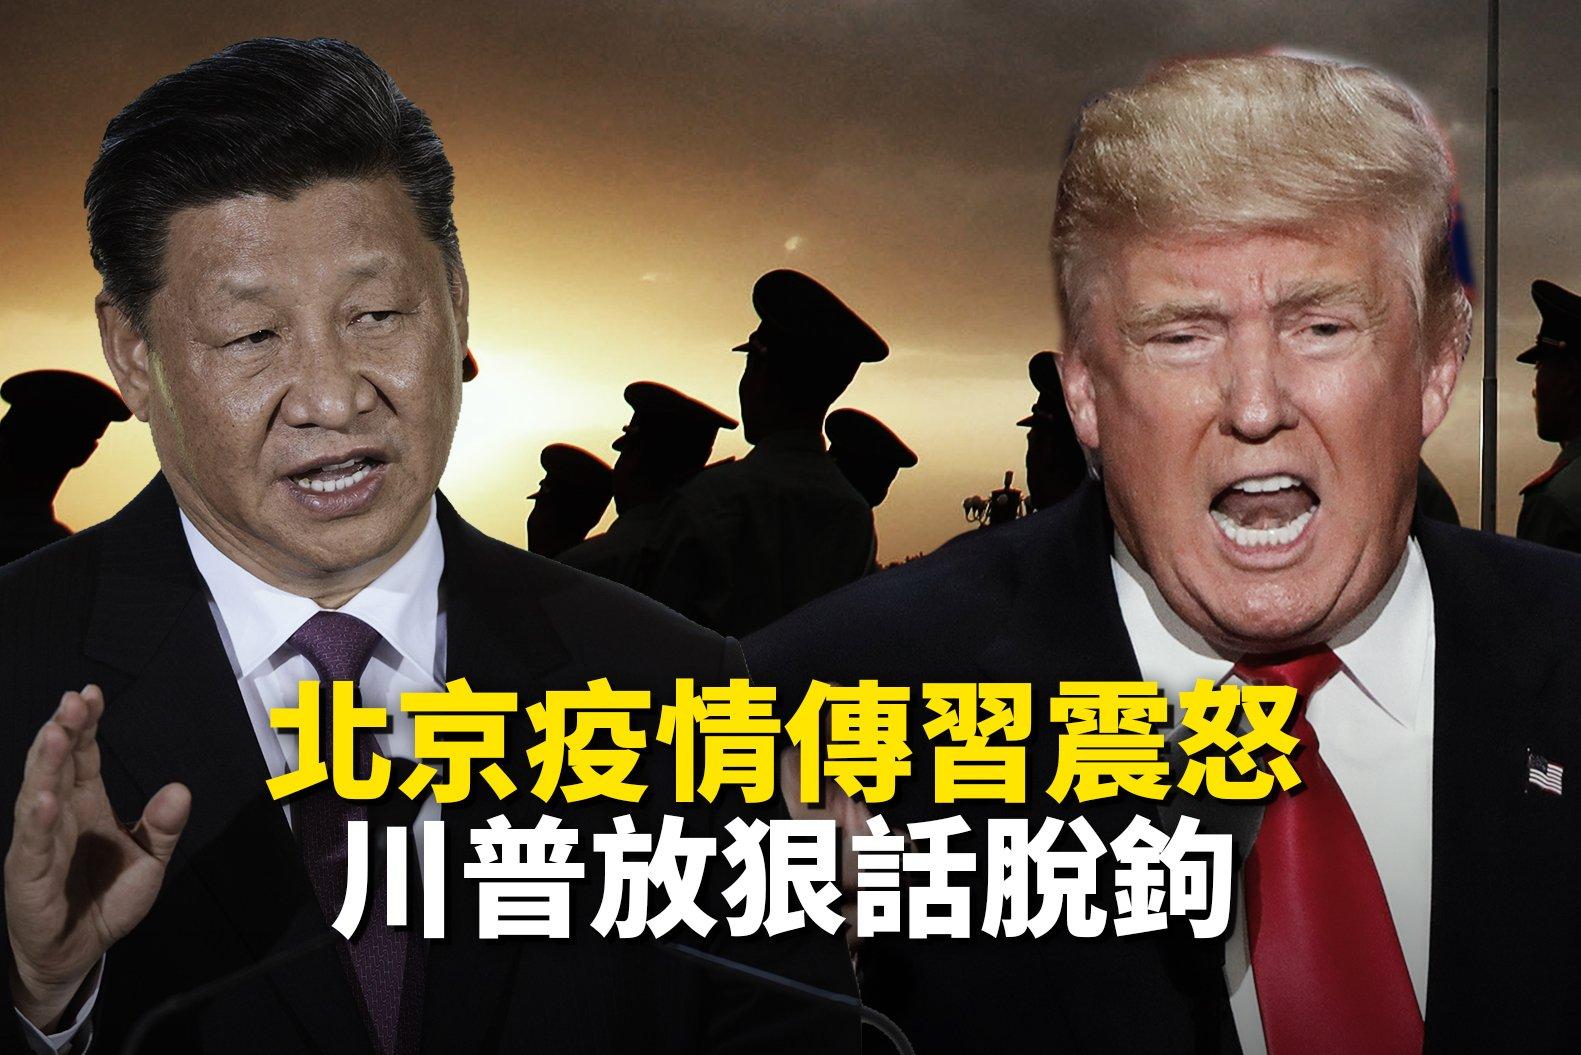 2020年6月18日美國總統特朗普發推文,表示與中方「全面脫鉤」一直是政策選項。隨後中共方面表示,中美脫鉤「不現實」。那麼中美之間是不可能脫鉤,還是北京仍然不懂美國呢?(大紀元合成)